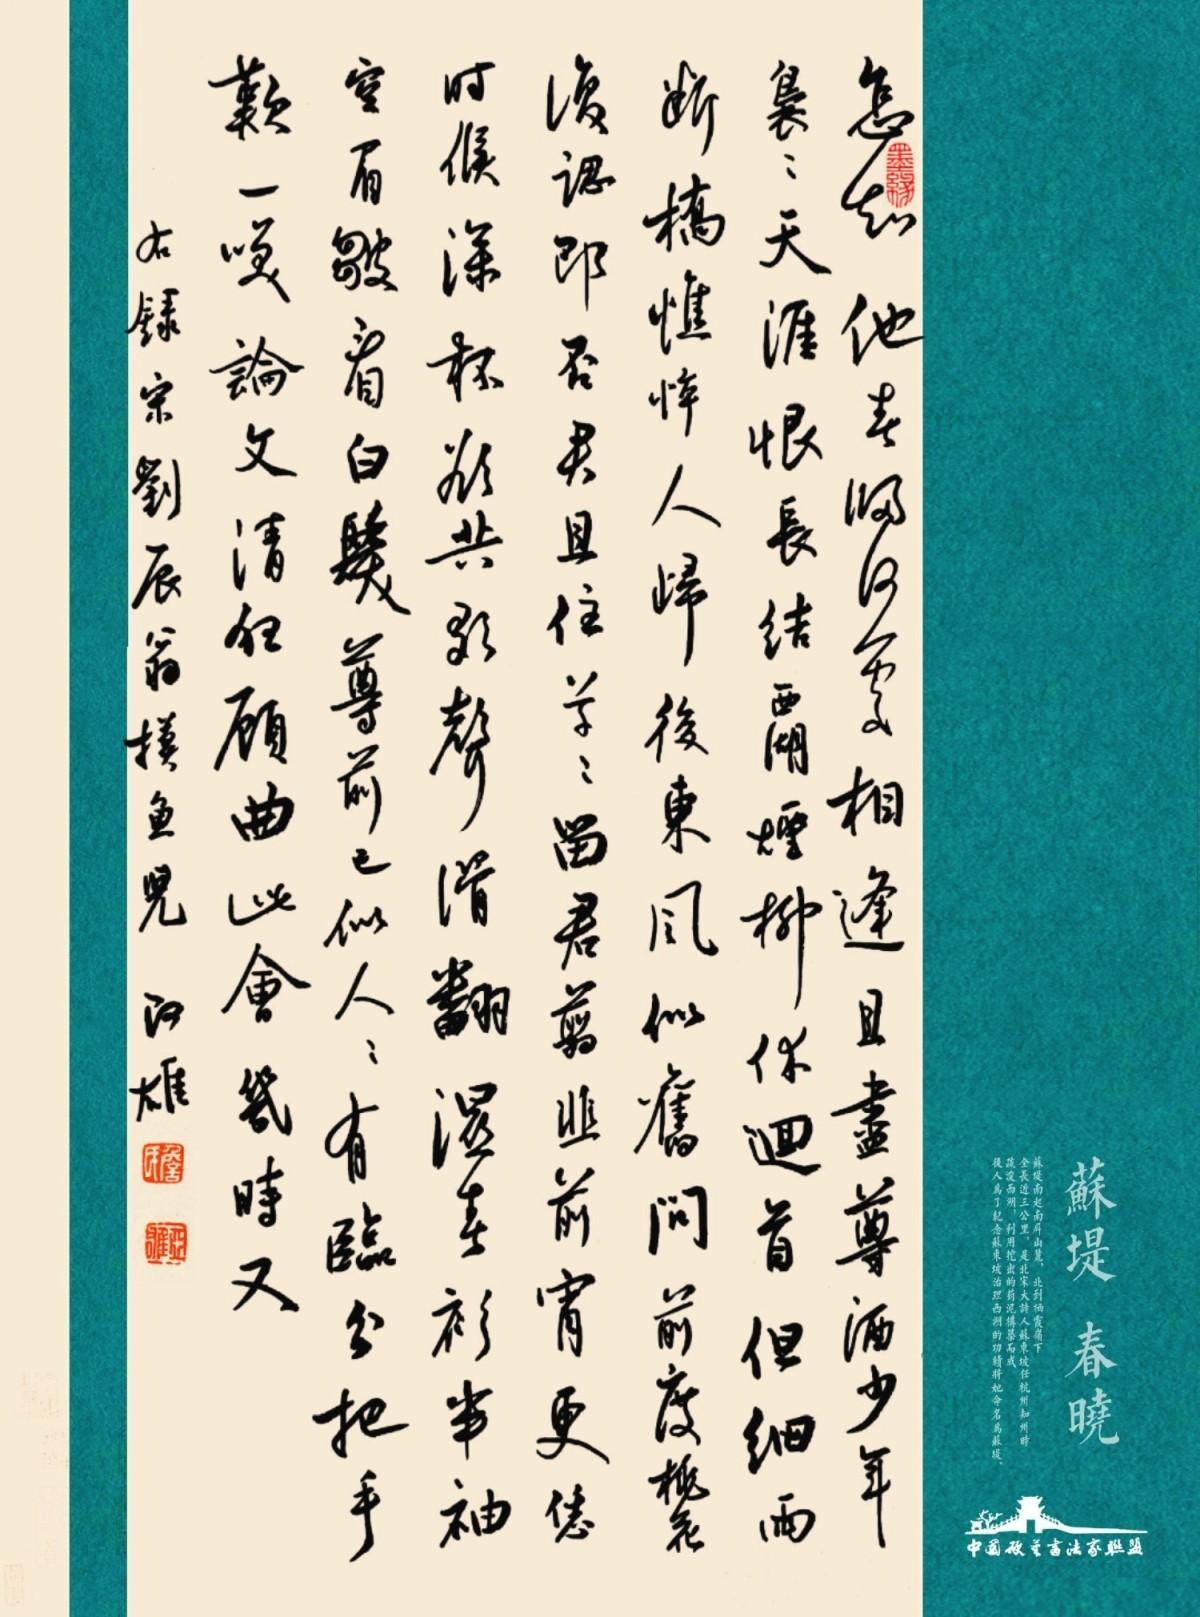 钢笔书法练字打卡20211012-06